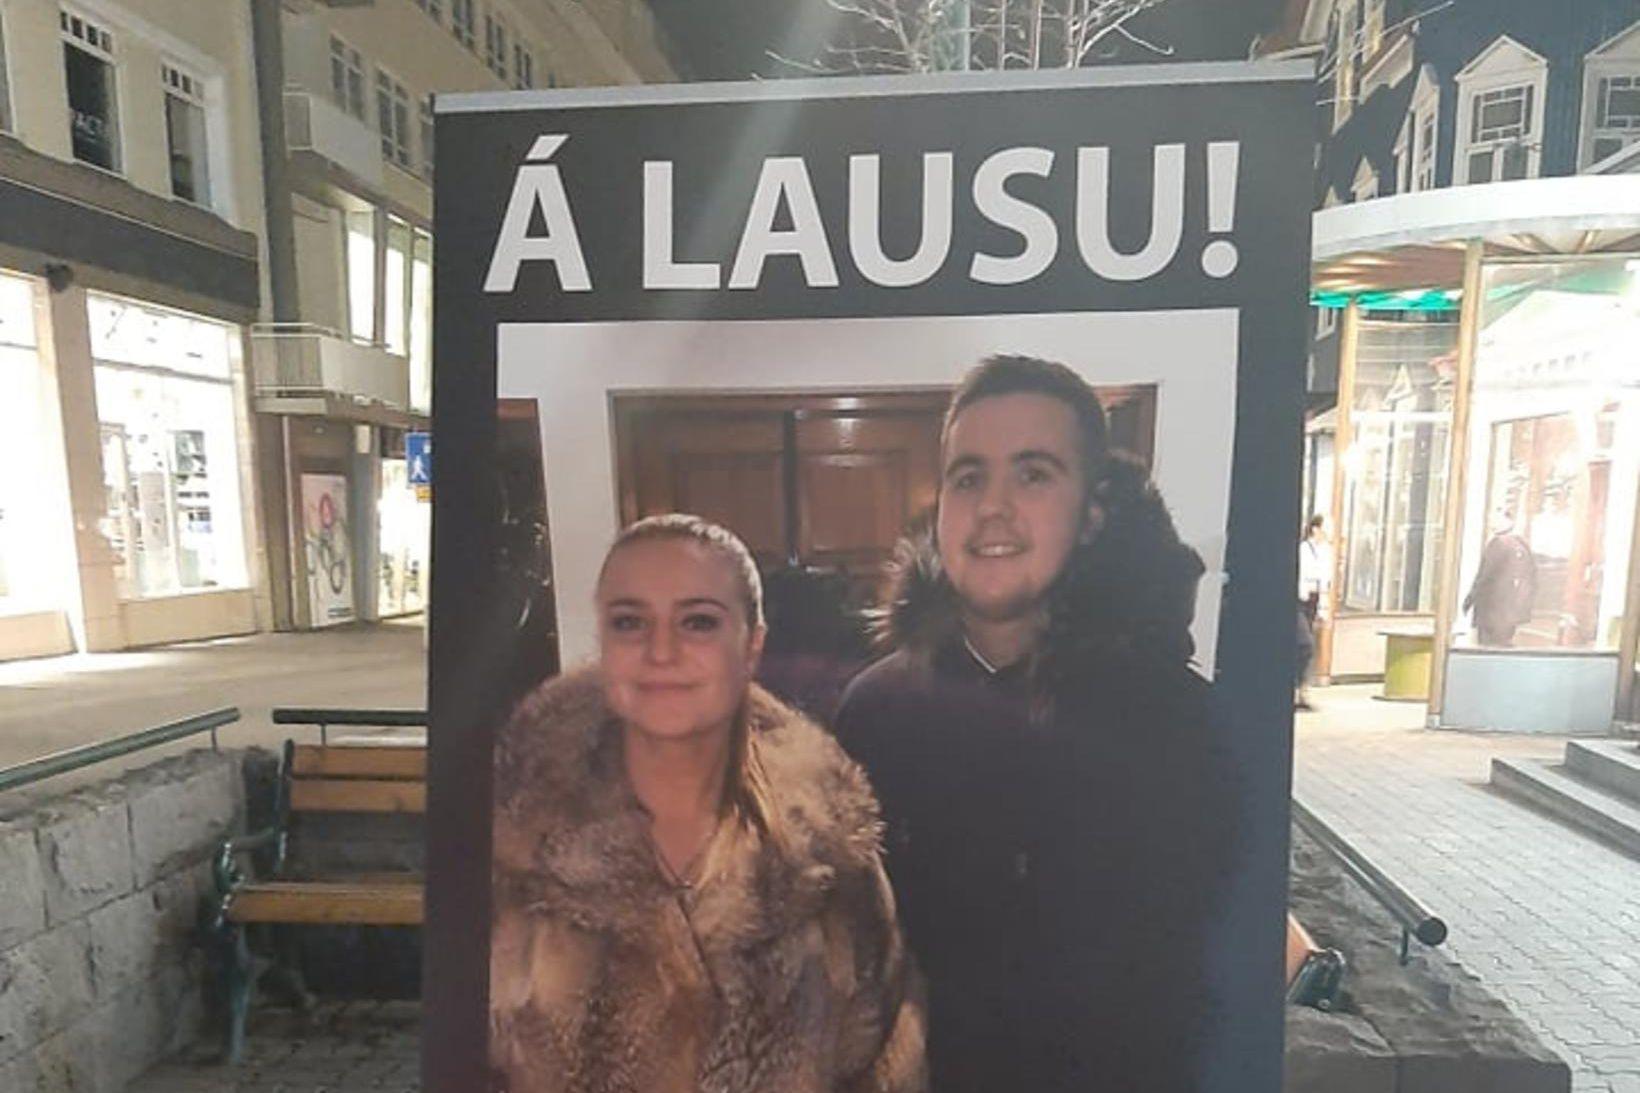 Fjöldi fólks er á skíðum á Akureyri um helgina.